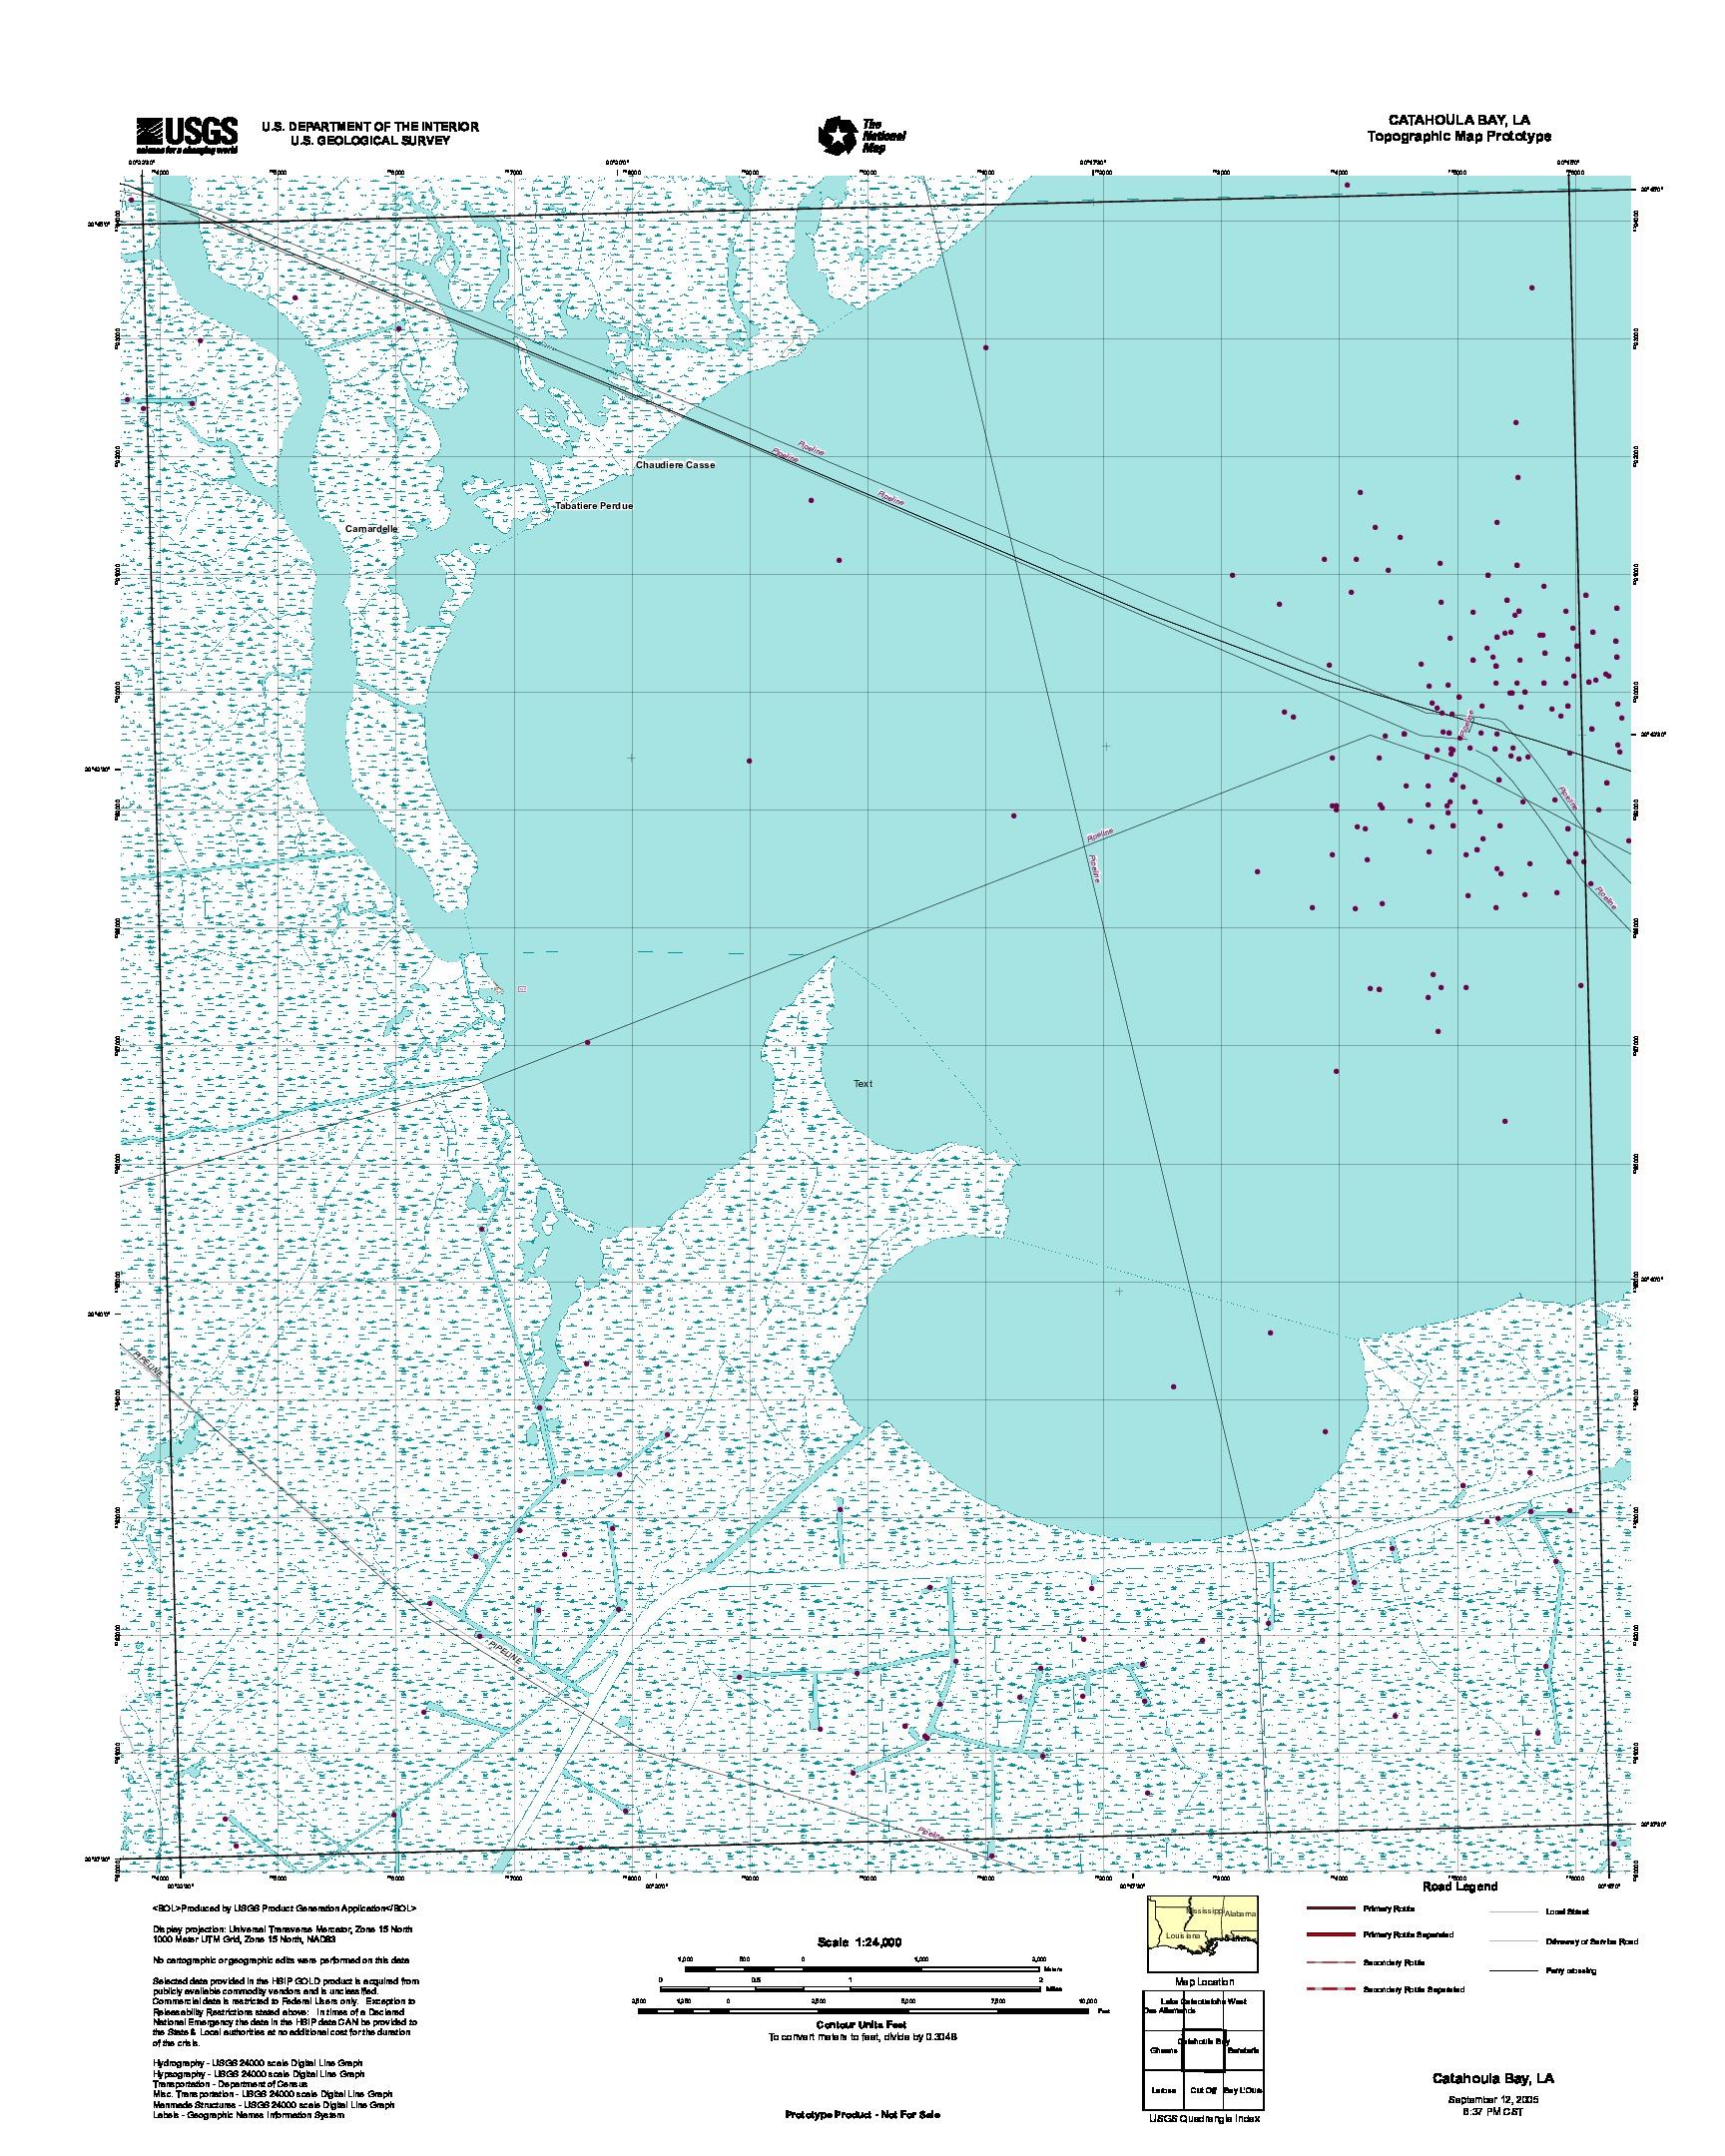 Prototipo de Mapa Topográfico de Catahoula Bay, Luisiana, Estados Unidos, Septiembre 12, 2005